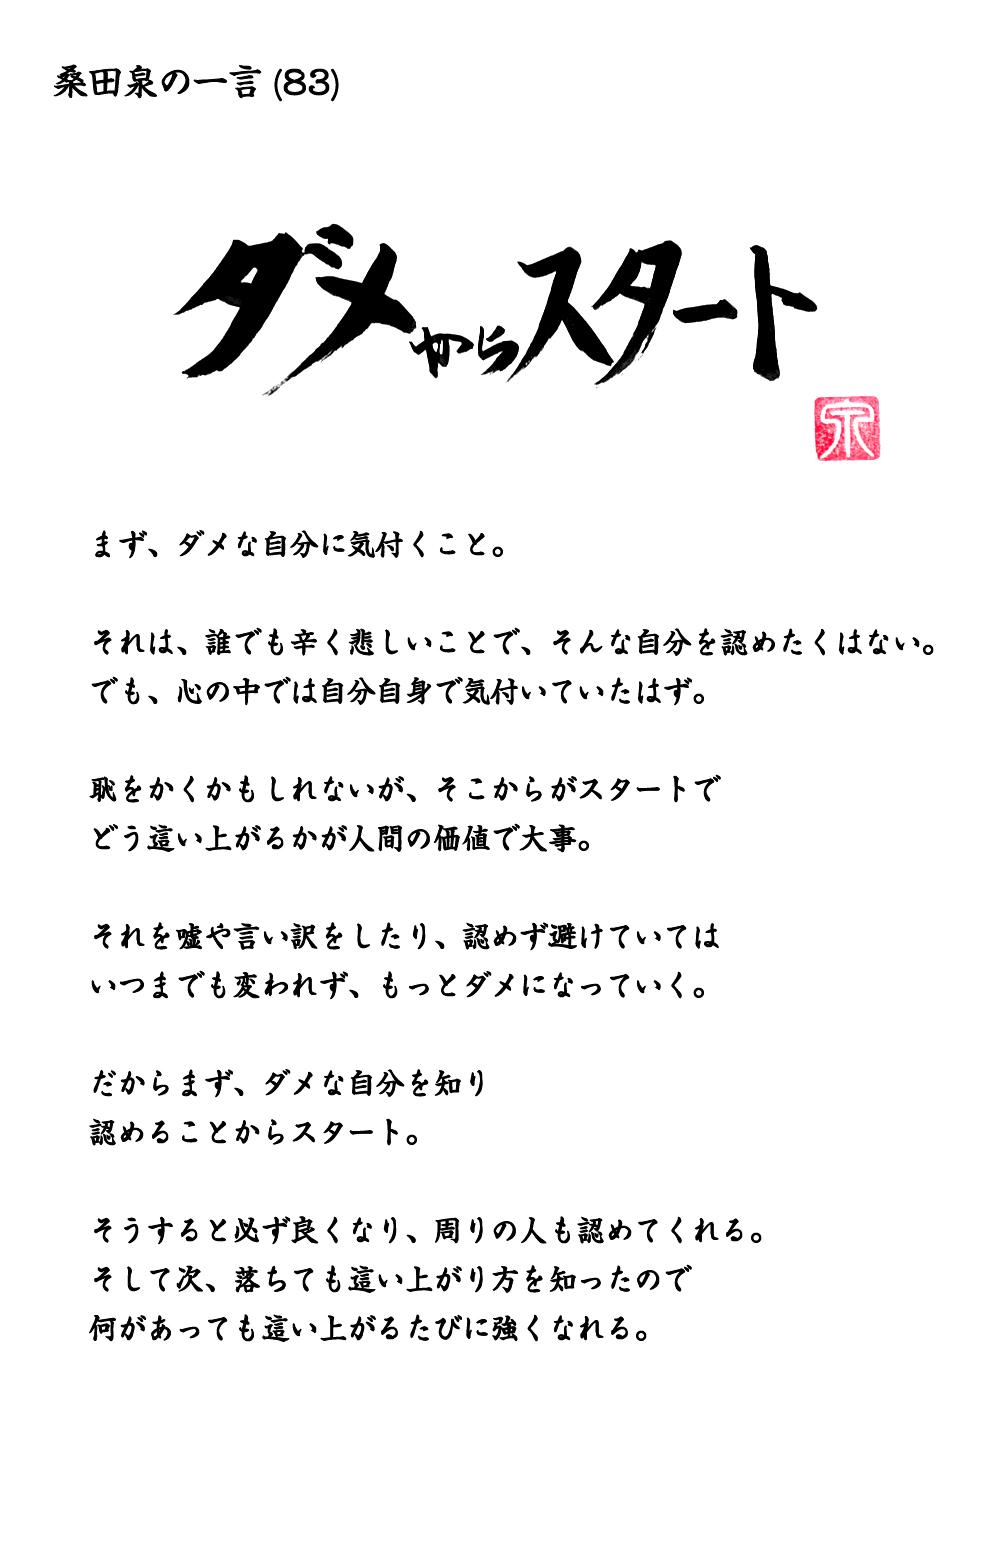 桑田泉の一言「ダメからスタート」83_20200111